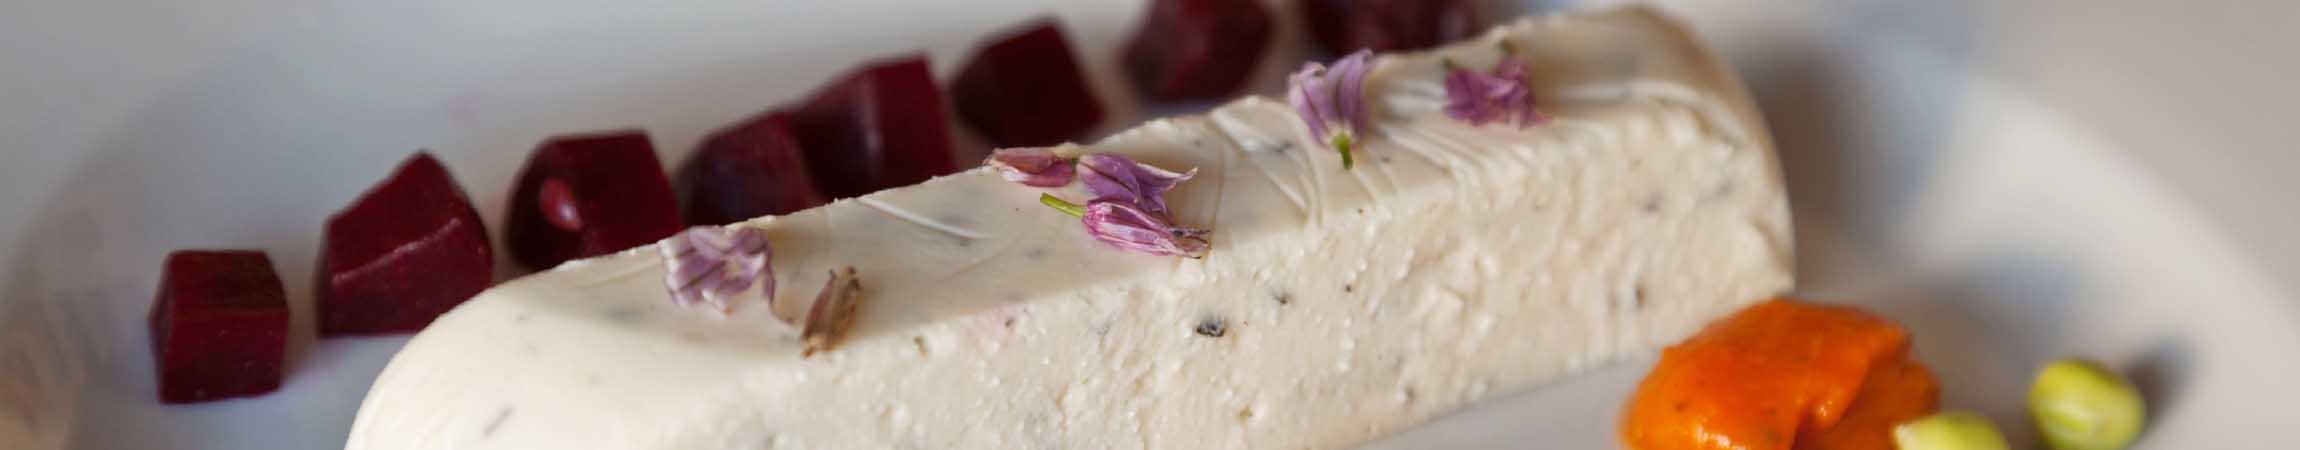 Beitragsbilder_cheese